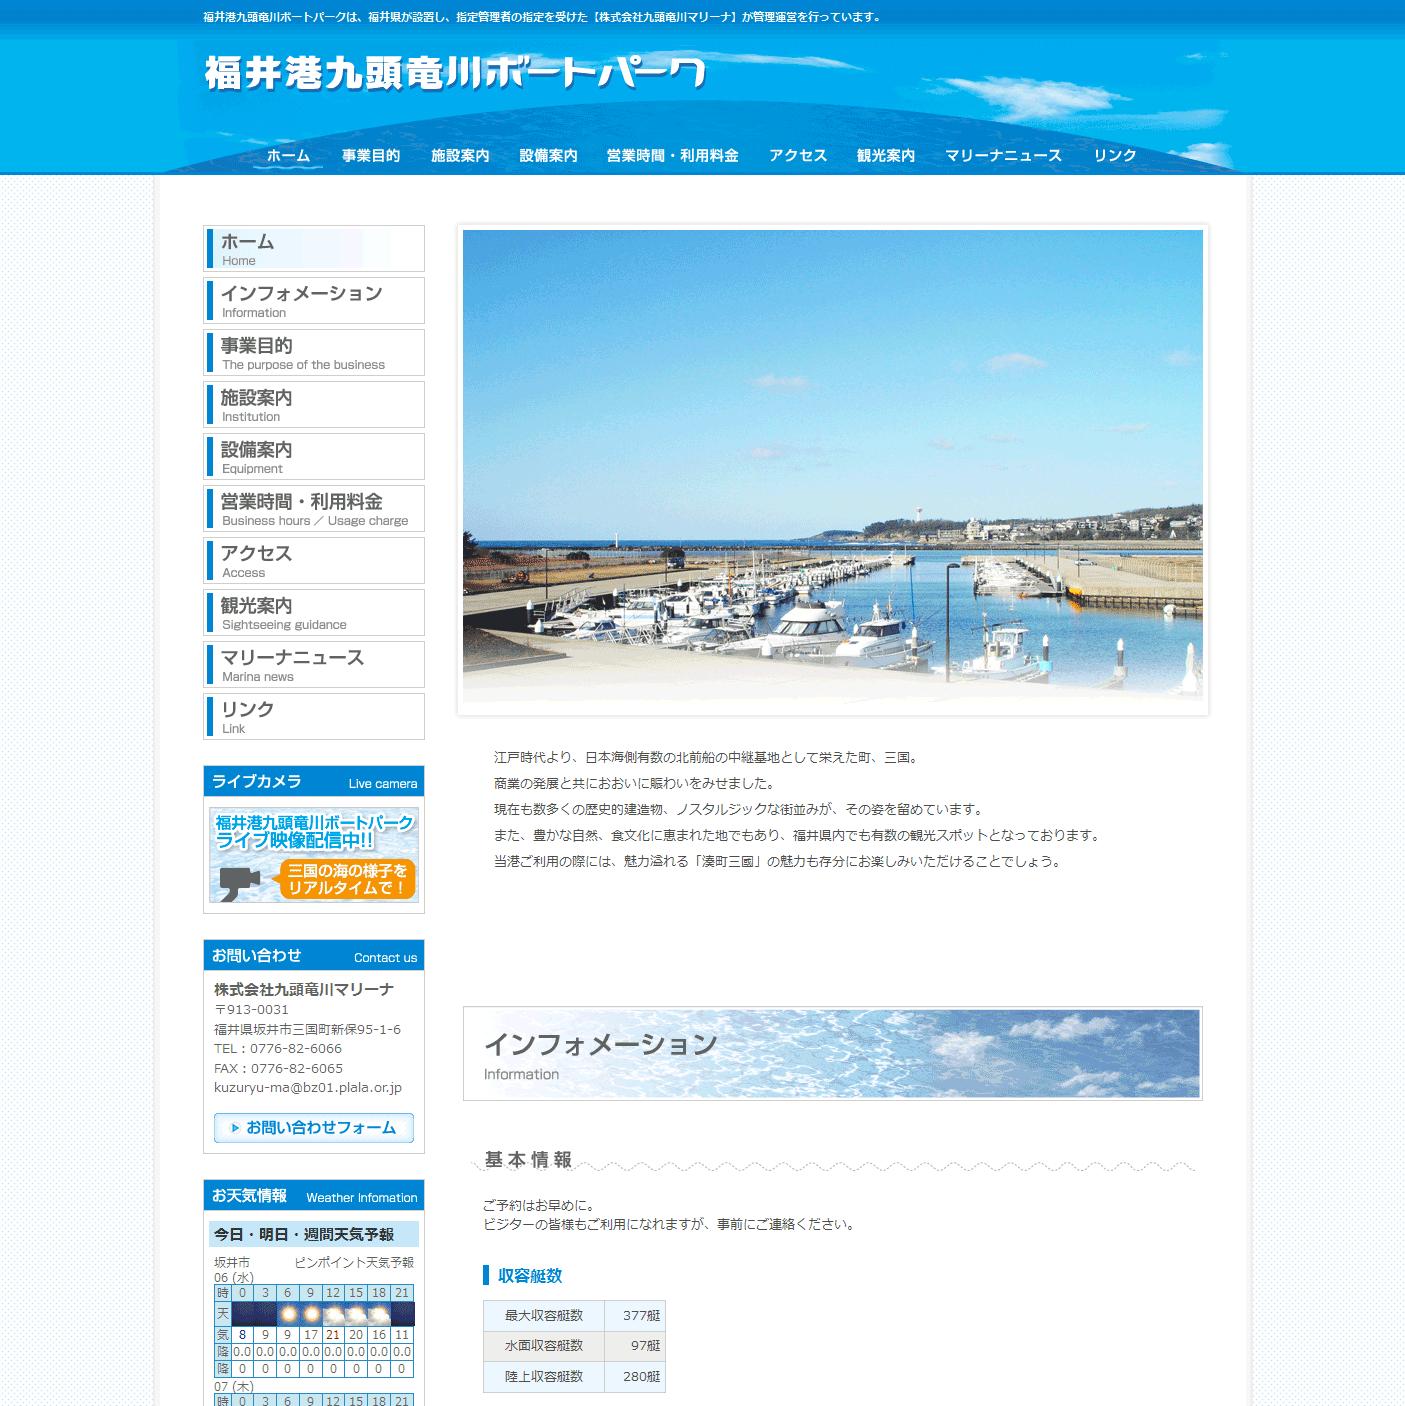 201411福井港九頭竜川ボートパークWEB